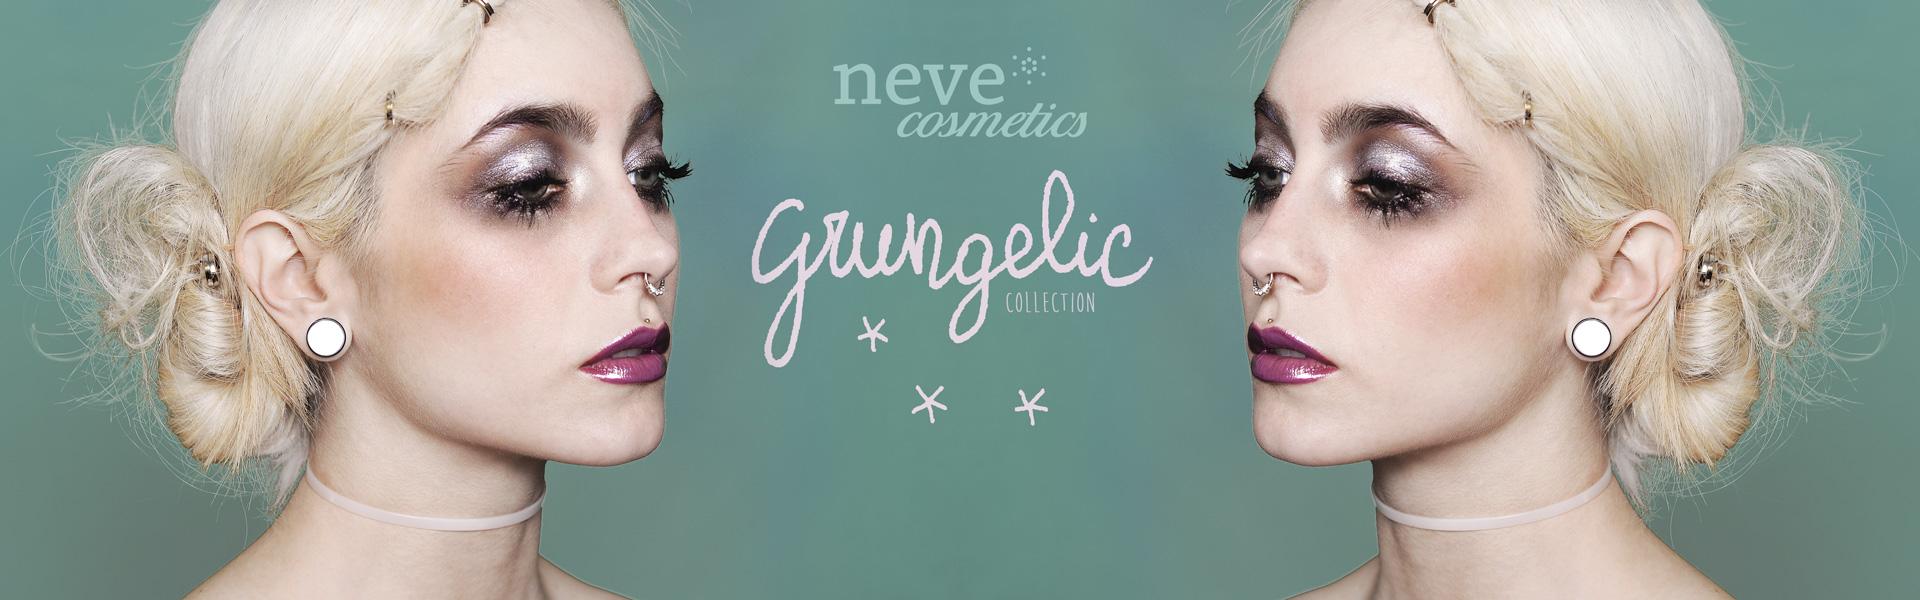 Grungelic Collection. La nuova collezione Neve Cosmetics